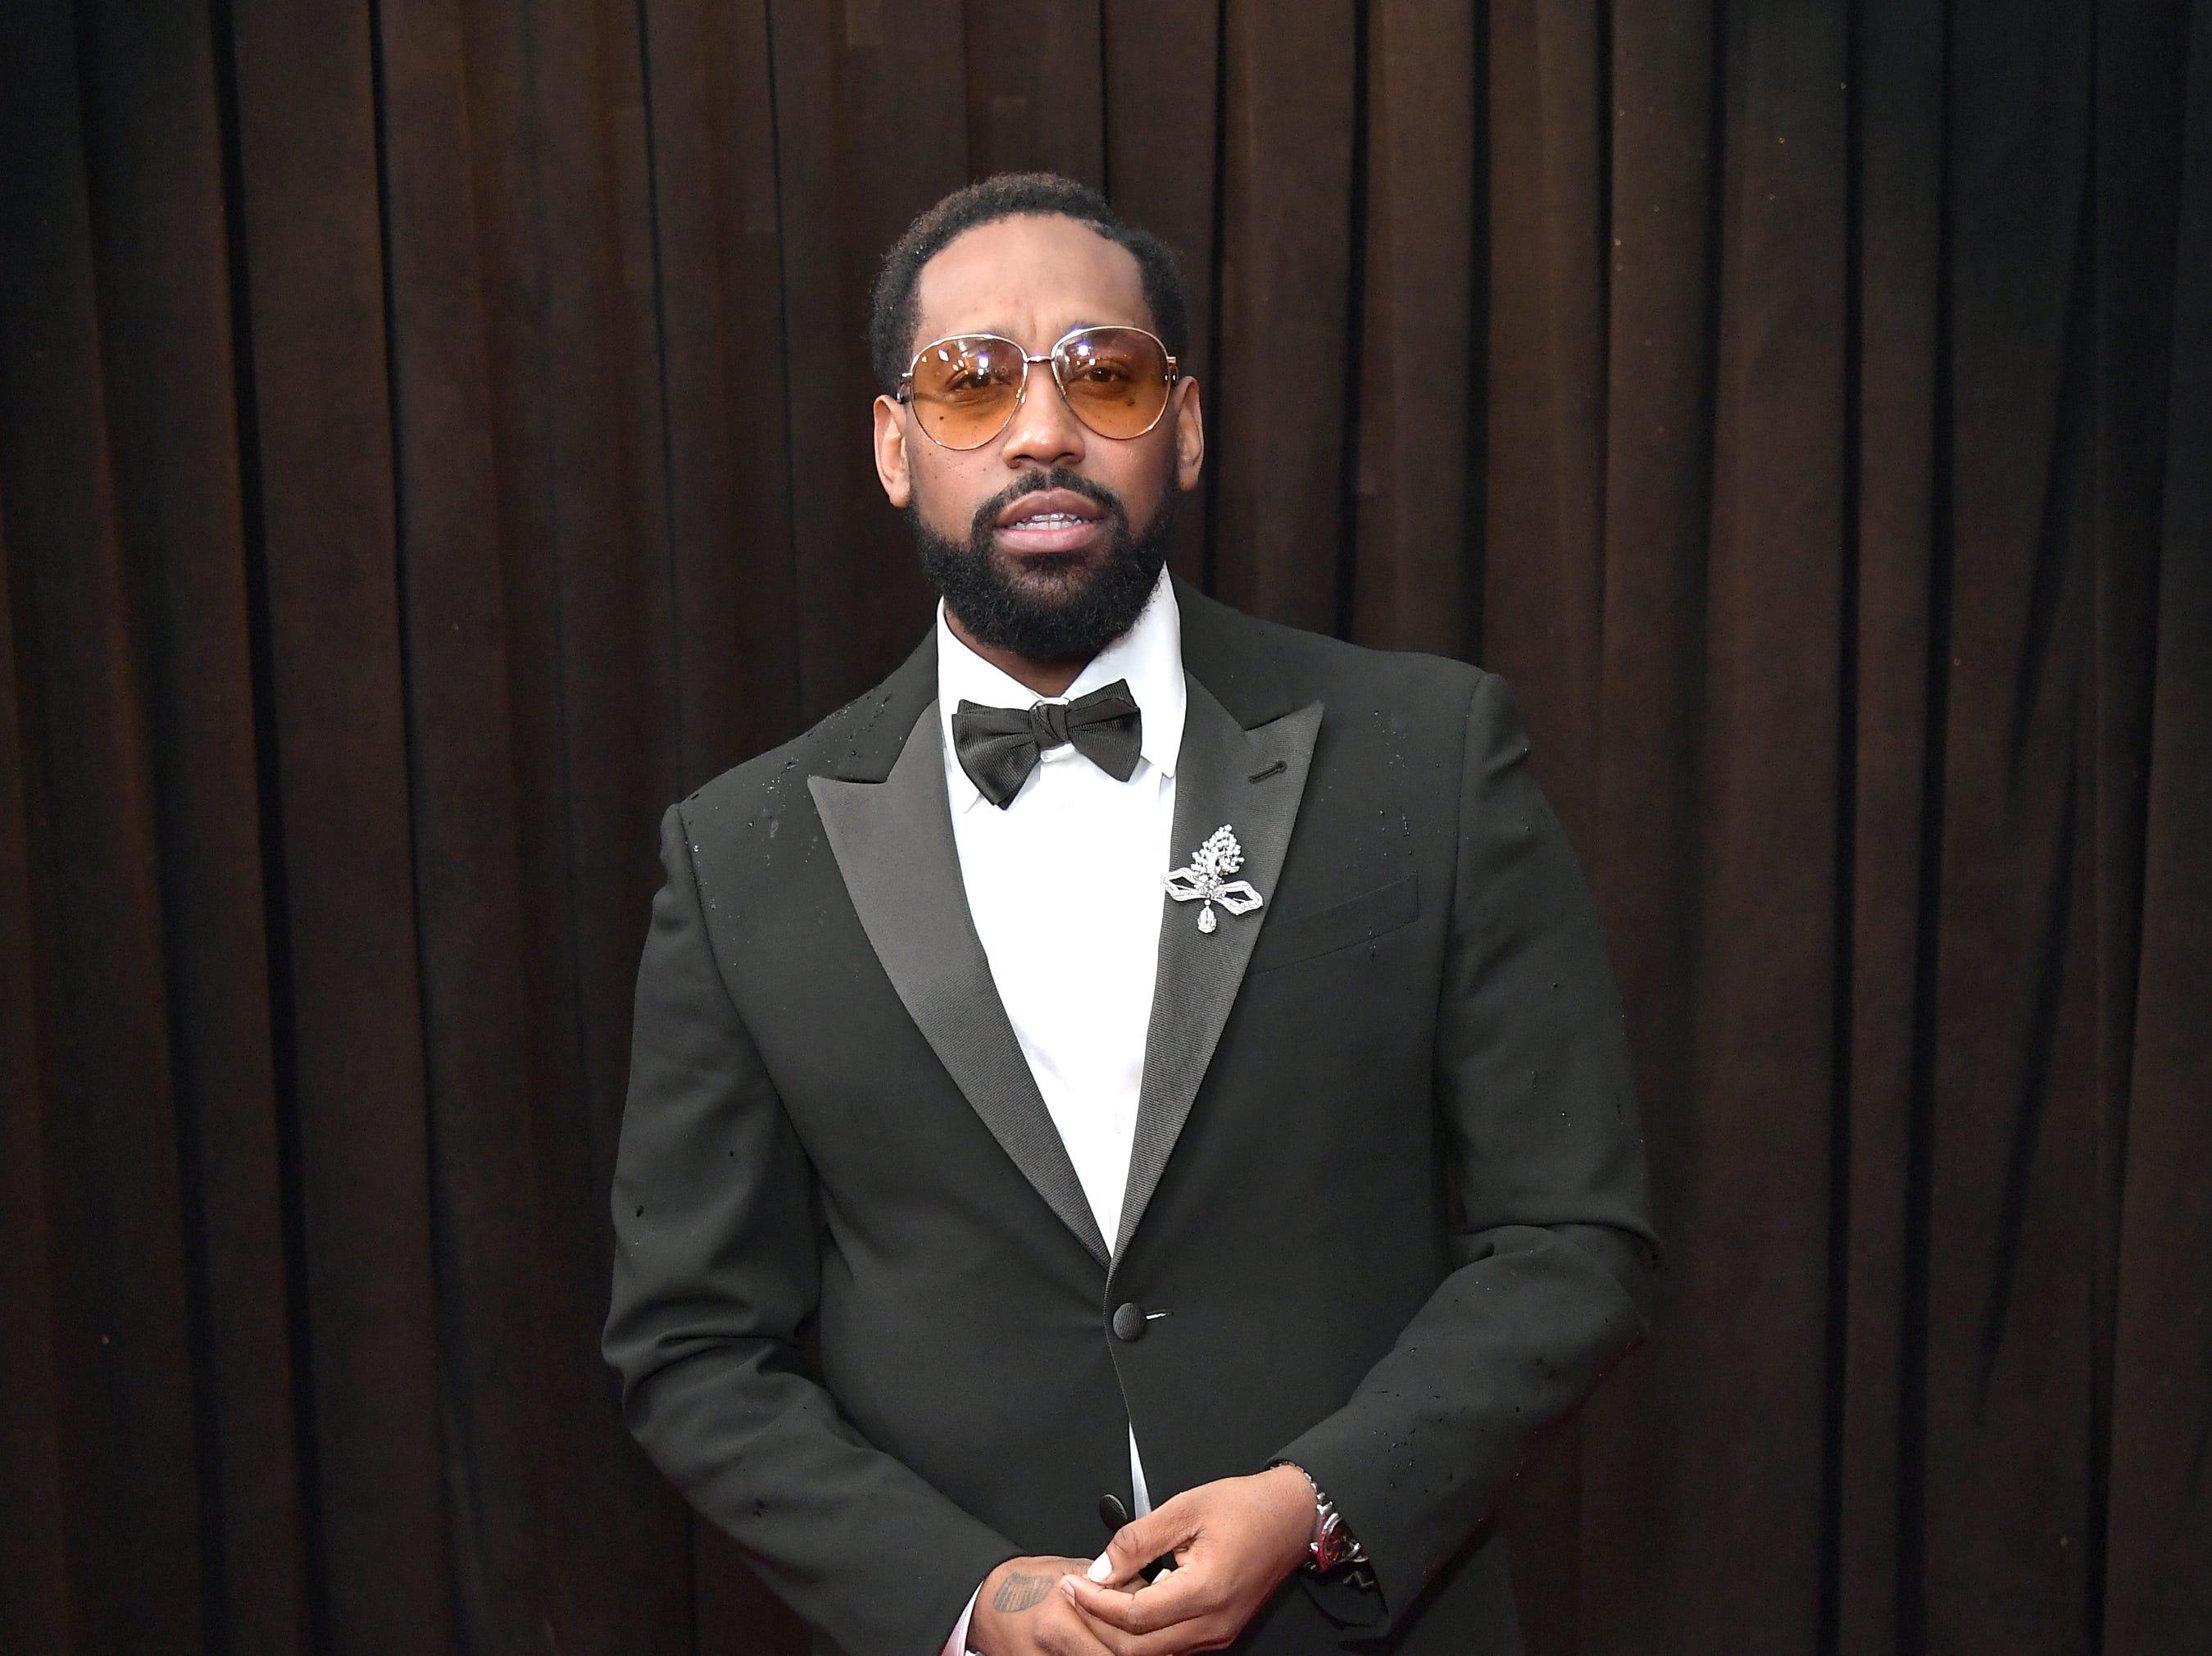 PJ Morton asiste a la 61ª edición de los premios GRAMMY en el Staples Center el 10 de febrero de 2019 en Los Ángeles, California.